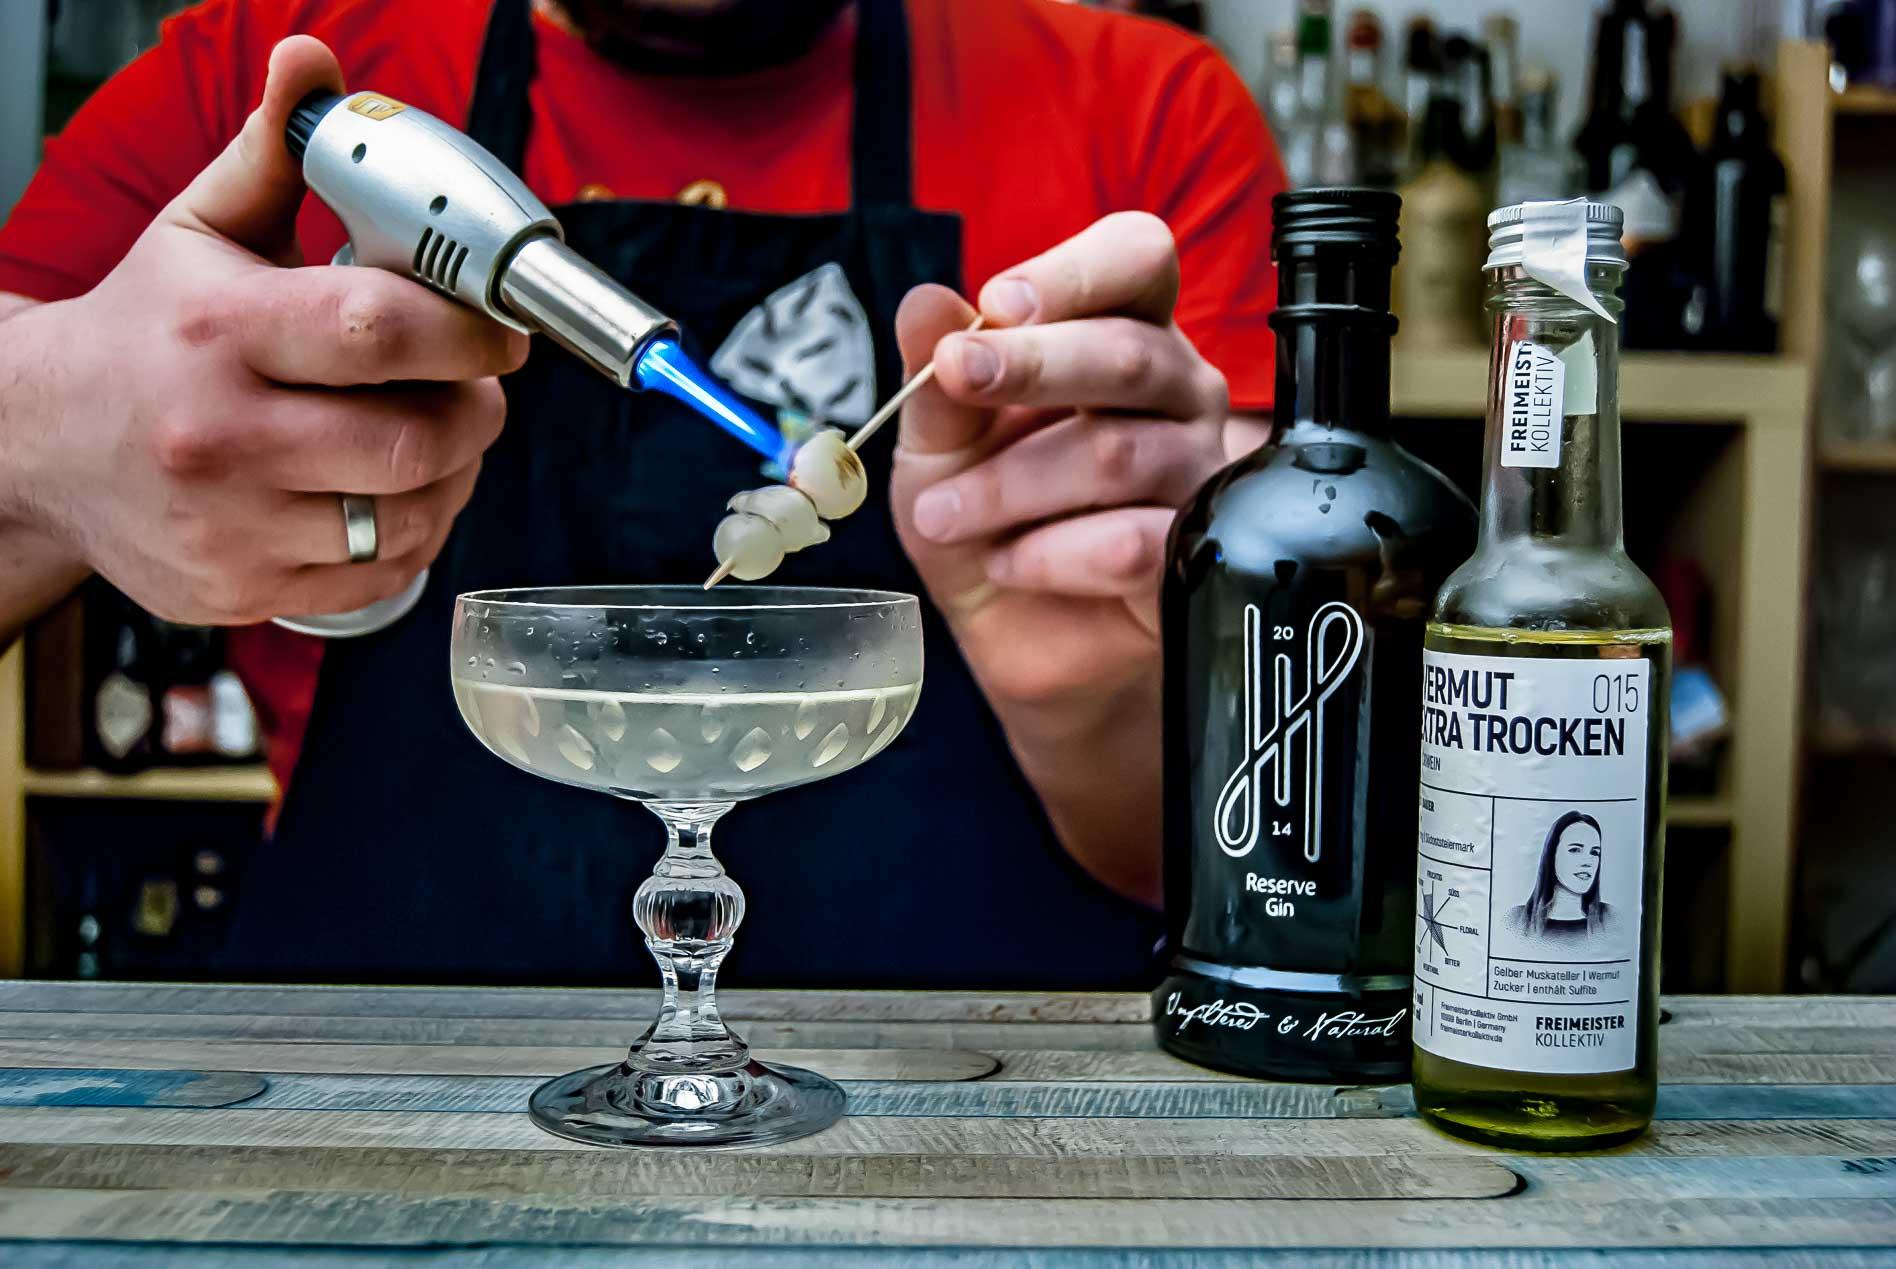 Hoos Reserve Gin mit dem Freimeisterkollektiv Very Dry Vermouth im Gibson Martini. Vielleicht einer der spannendsten Gibsons, die wir je hatten.